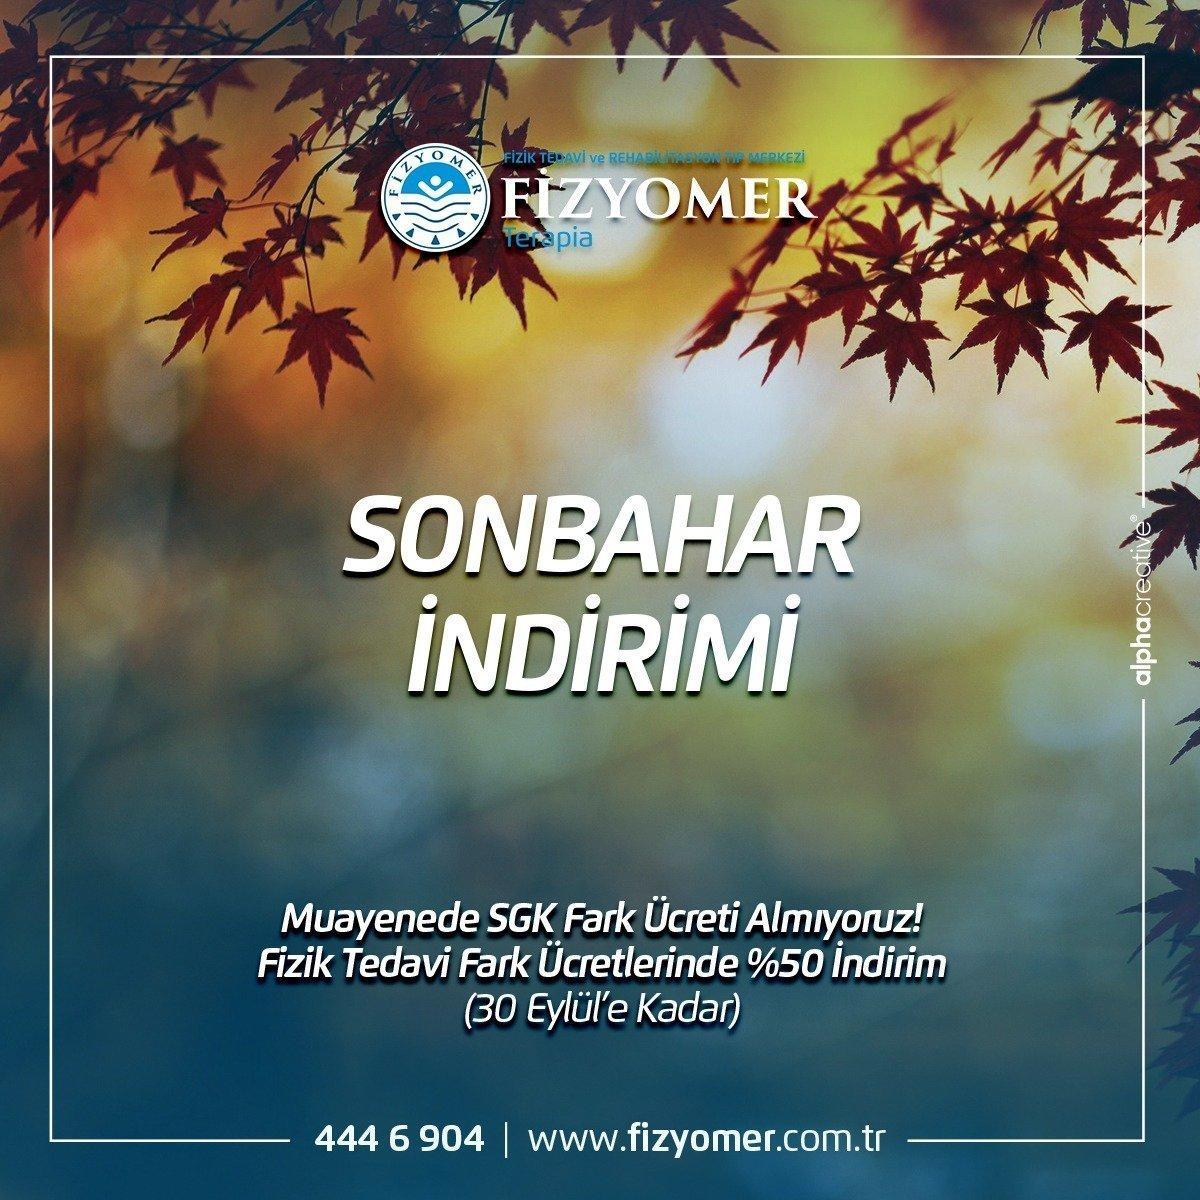 FİZYOMER'DEN SONBAHAR İNDİRİMİ !